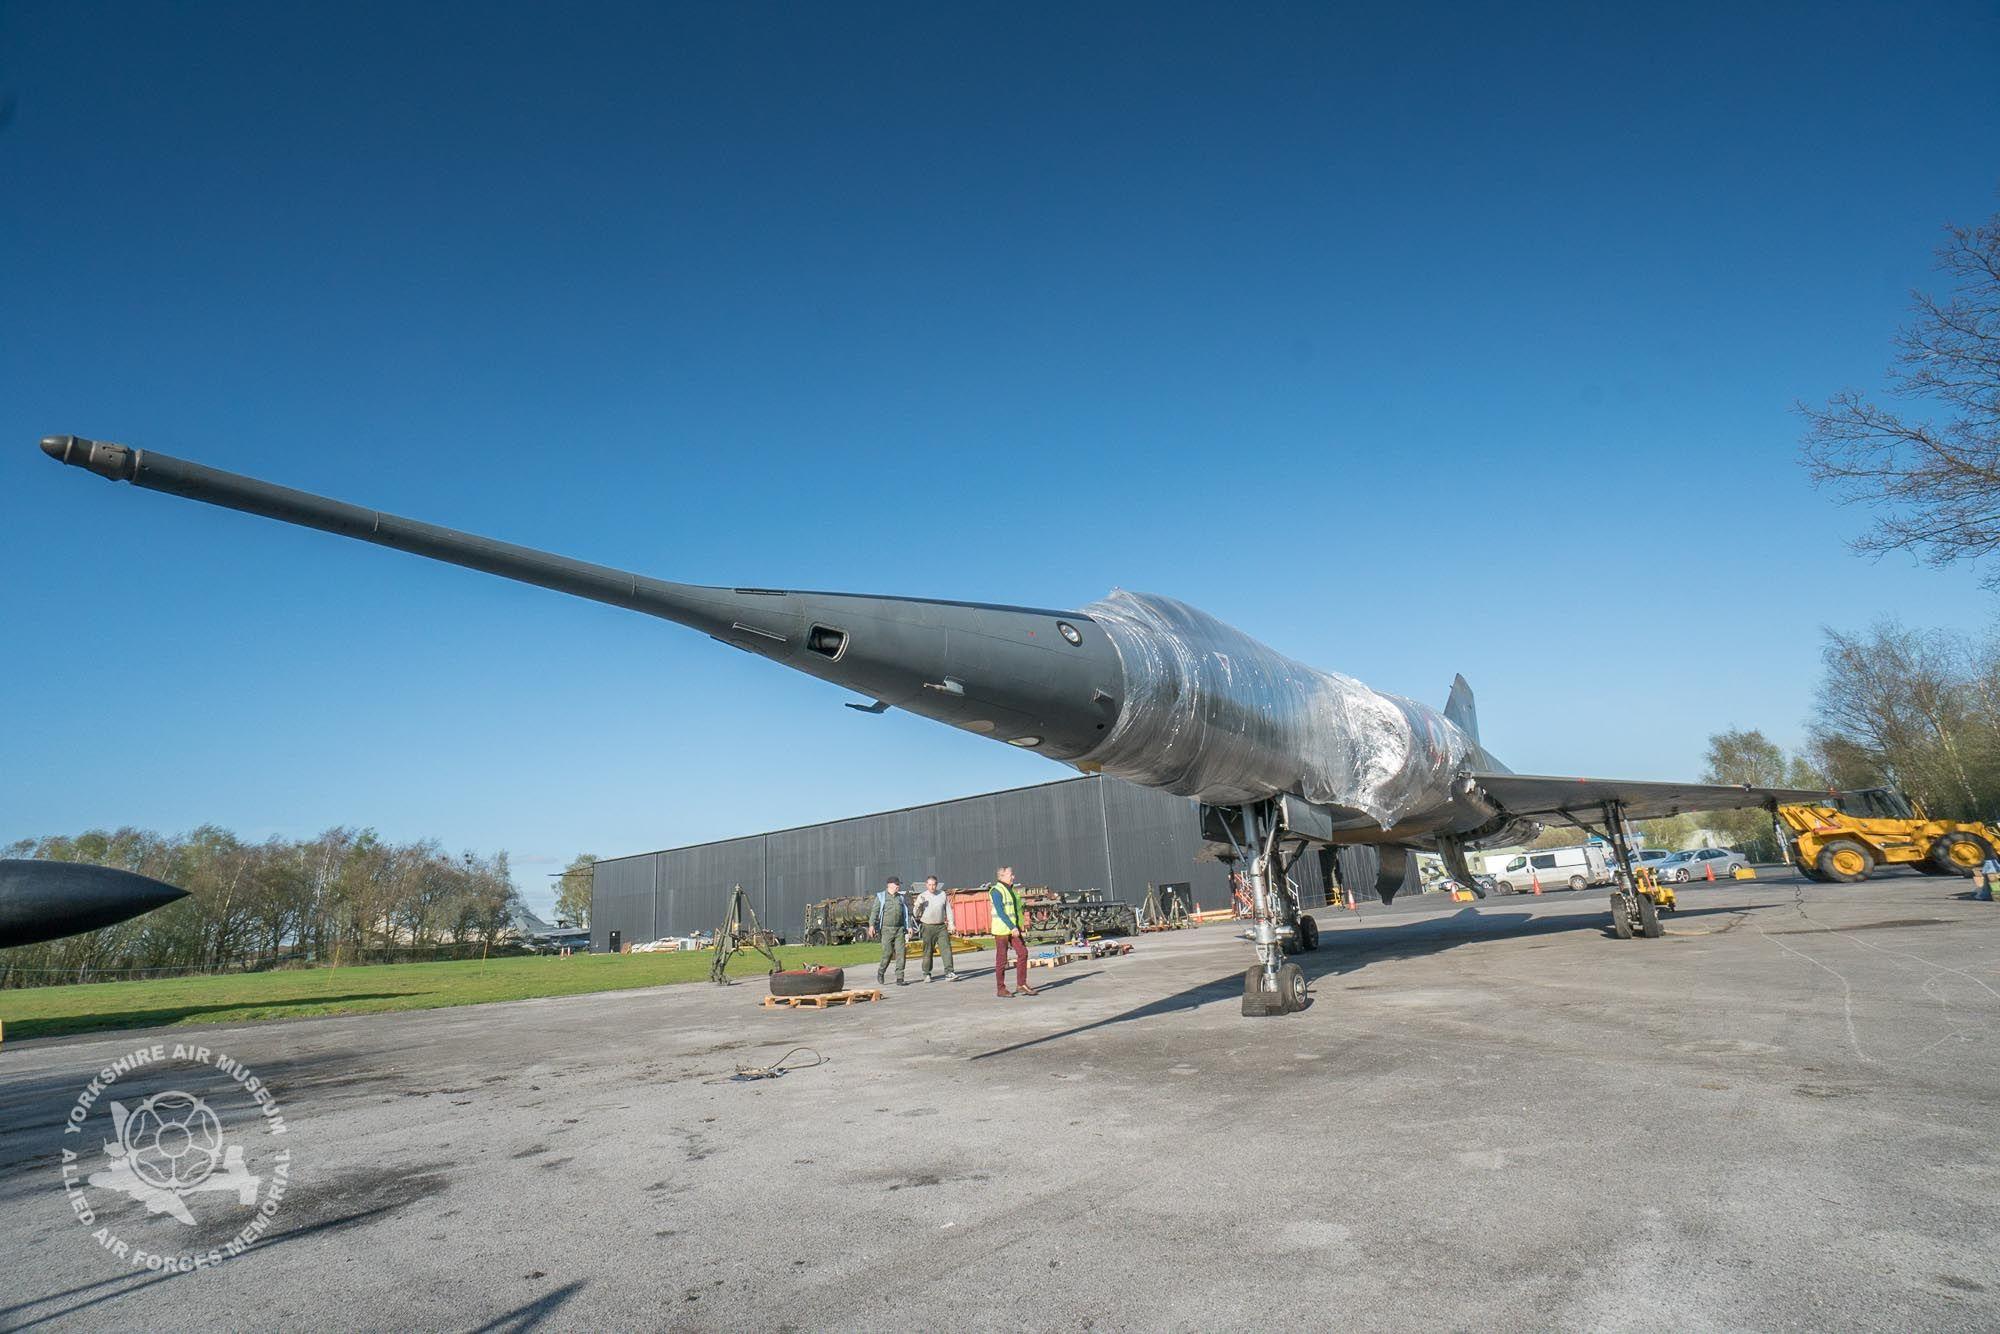 Dassault Mirage IVA Yorkshire Air Museum Non